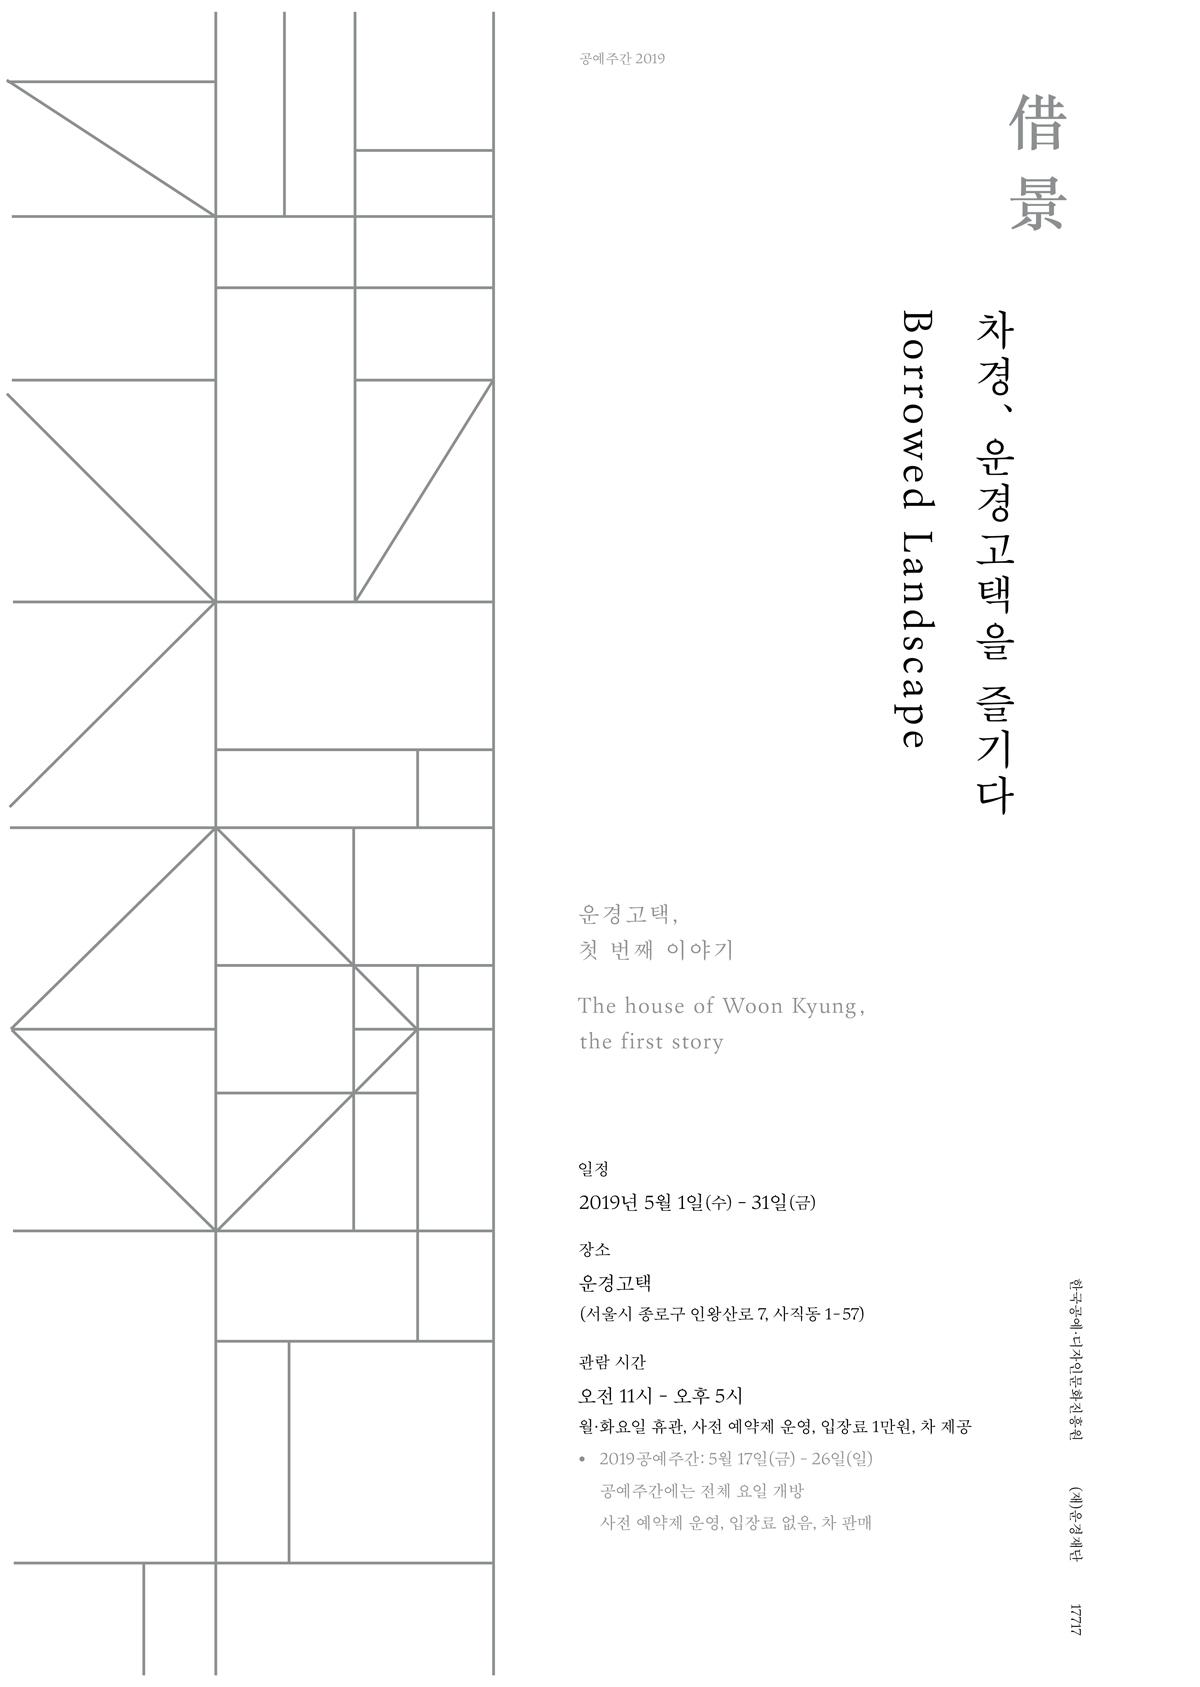 차경(借景), 운경고택을 즐기다 - 2019년 5월